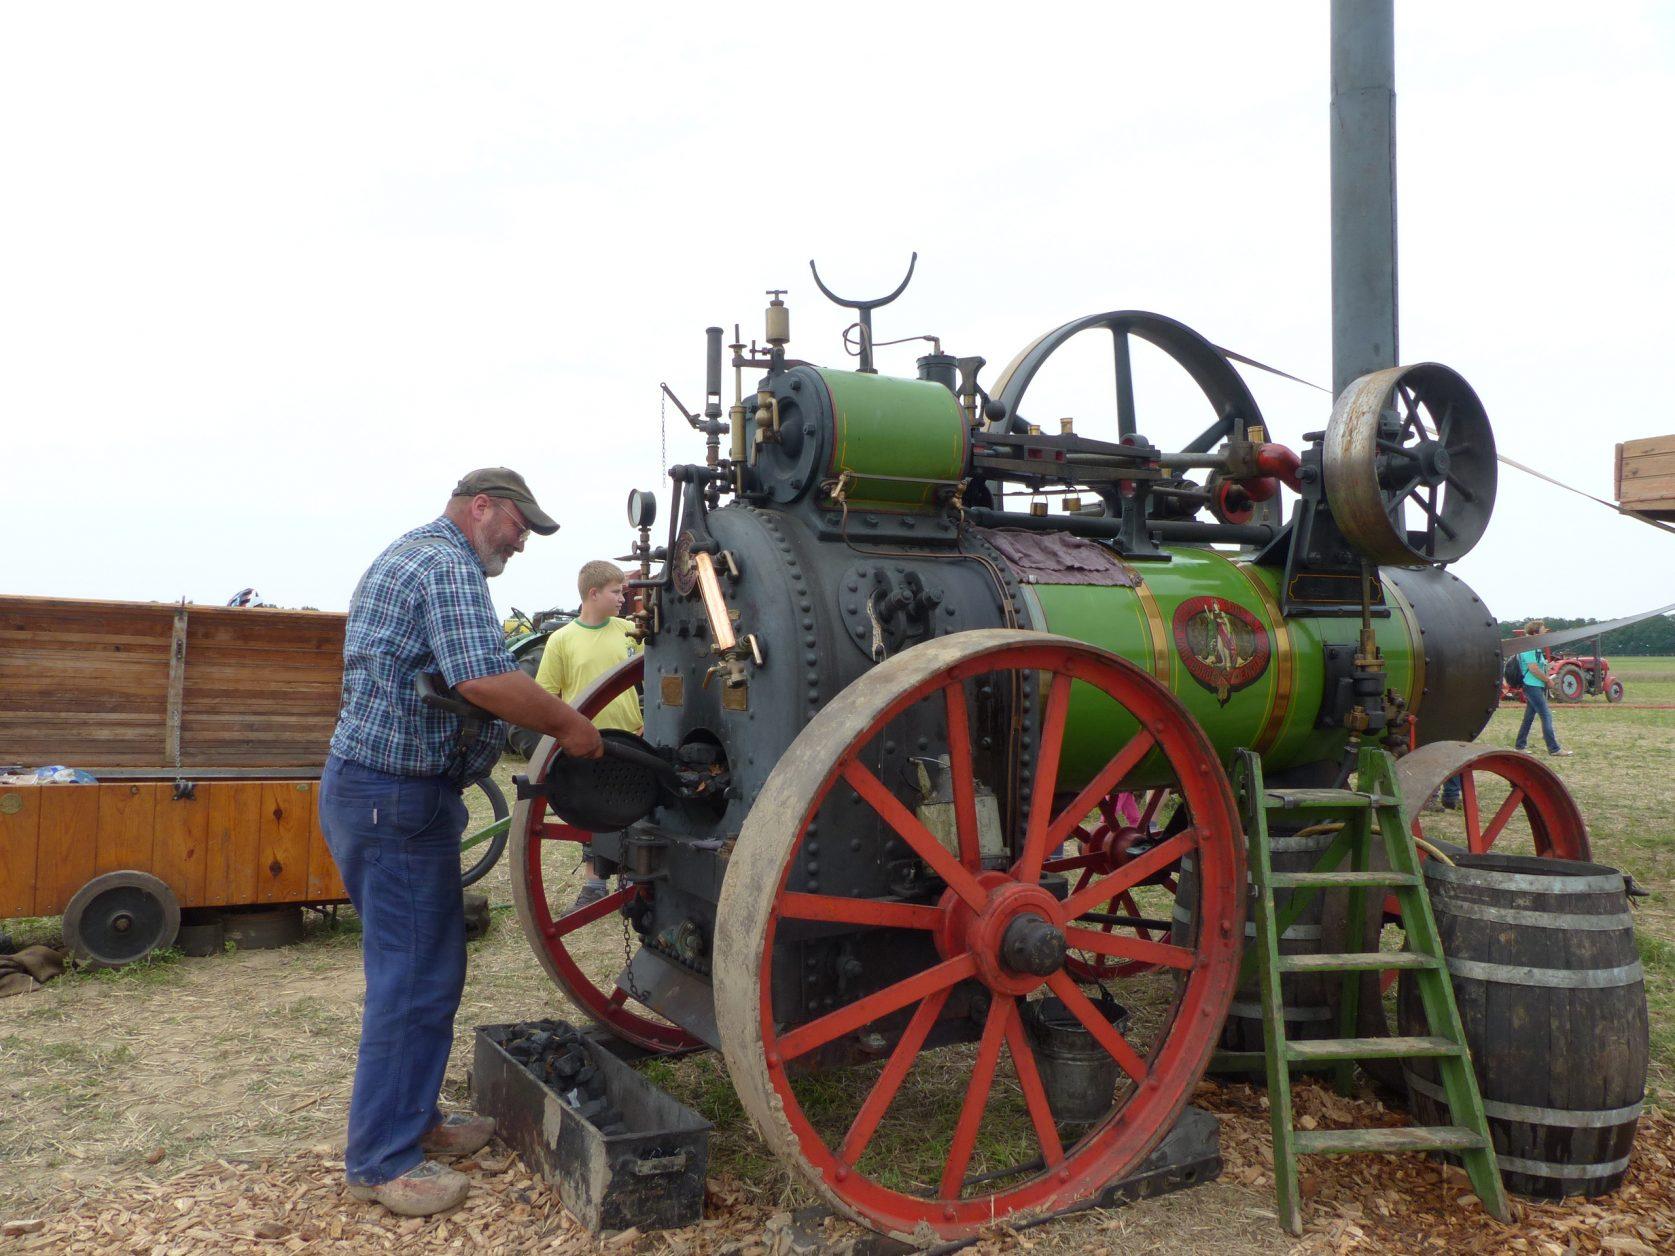 Chris Bosma aus den Niederlanden ist mit seiner Dampfmaschine auf vielen Dampftreffen in Deutschland anzutreffen. Foto: D.Weirauch